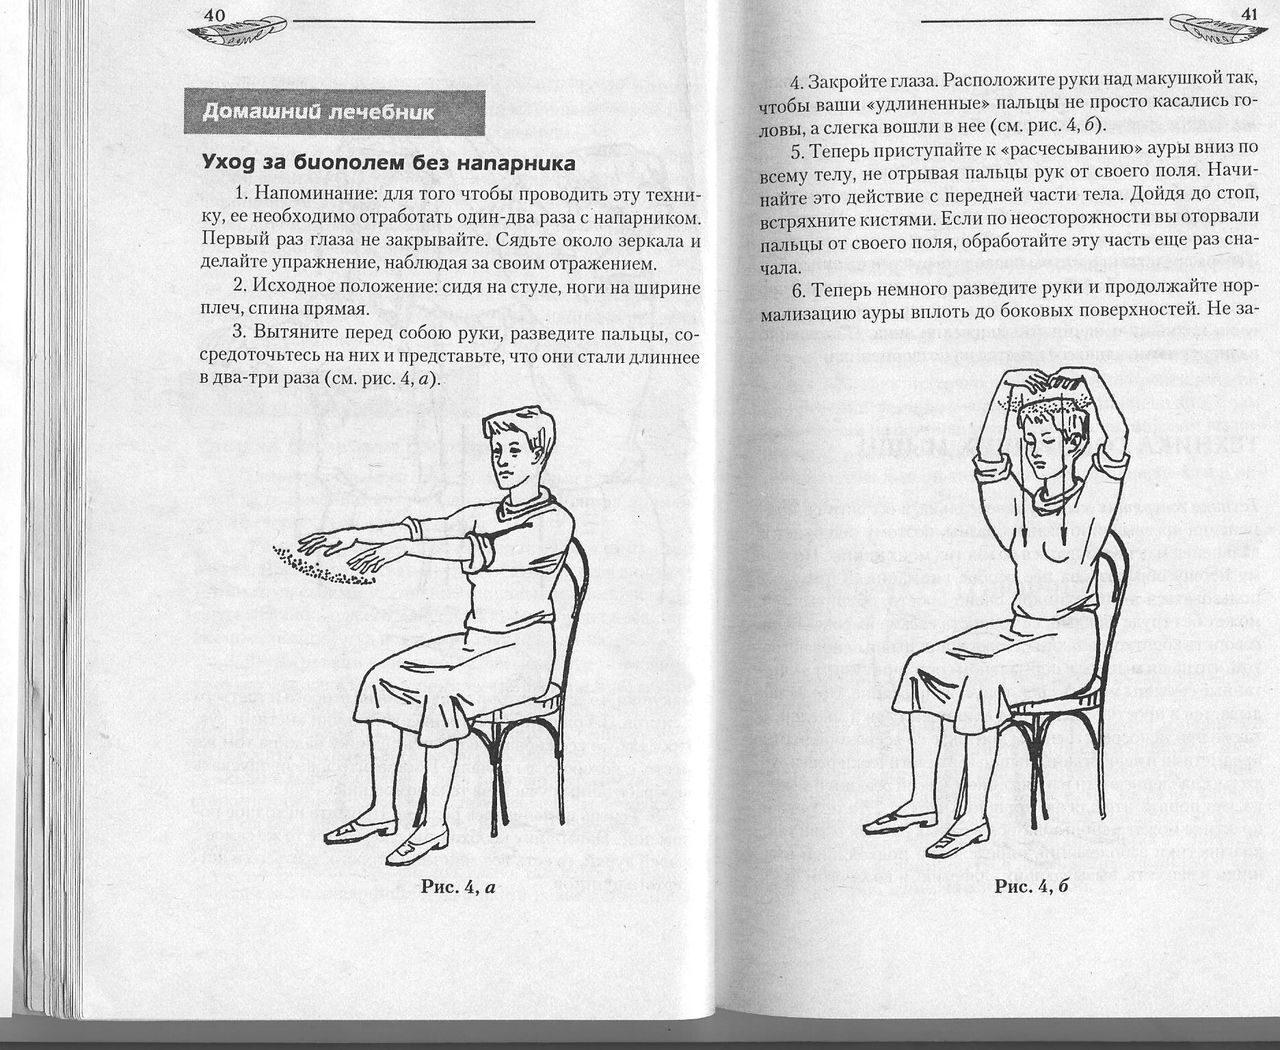 тренинги упражнения для знакомства с